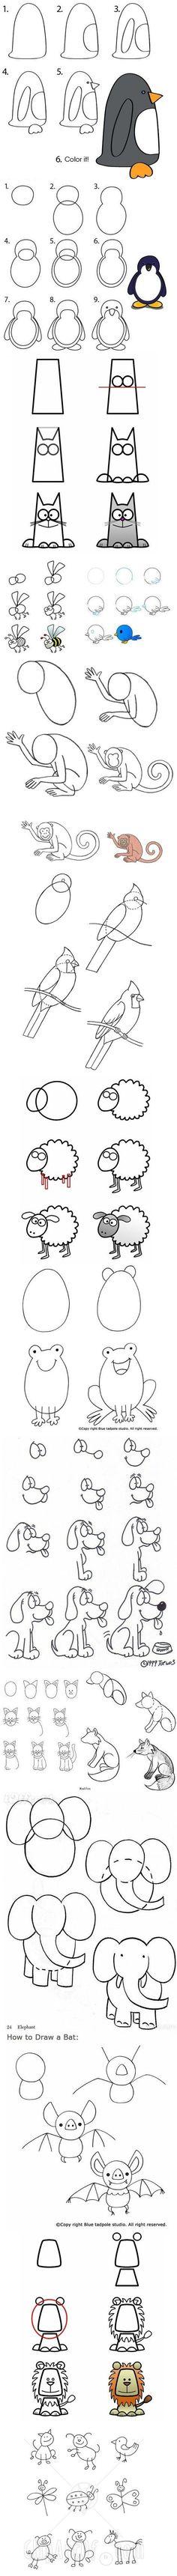 hvordan_tegne